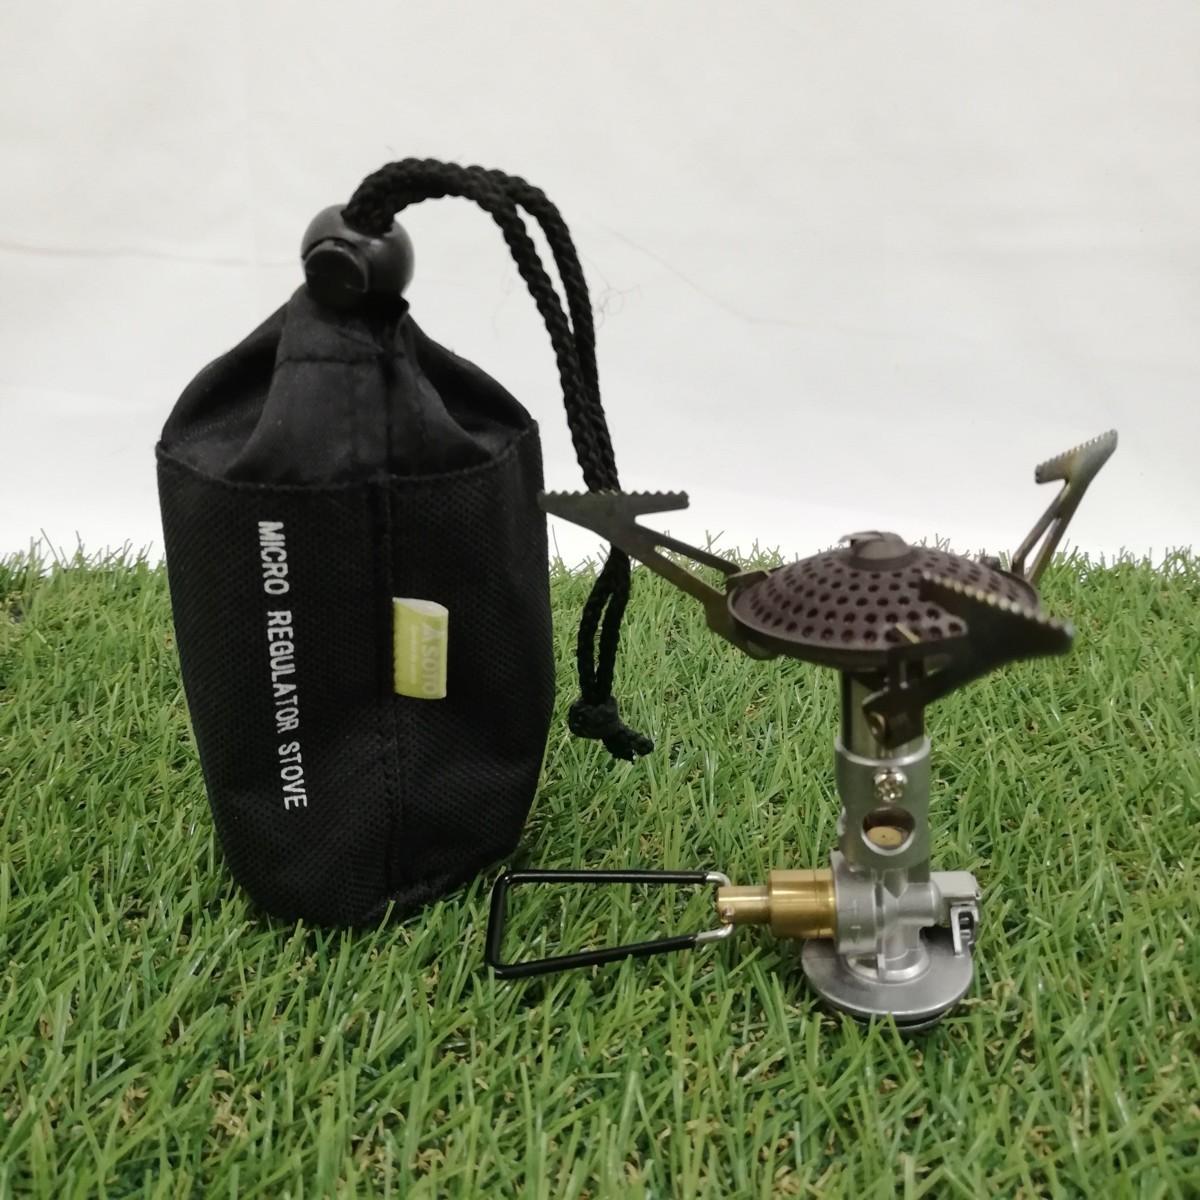 【中古】SOTO ソト マイクロレギュレーターストーブ SOD-300S【Sx】 キャンプ 調理 ソロ シングルバーナー アウトドア キャンプ_画像1